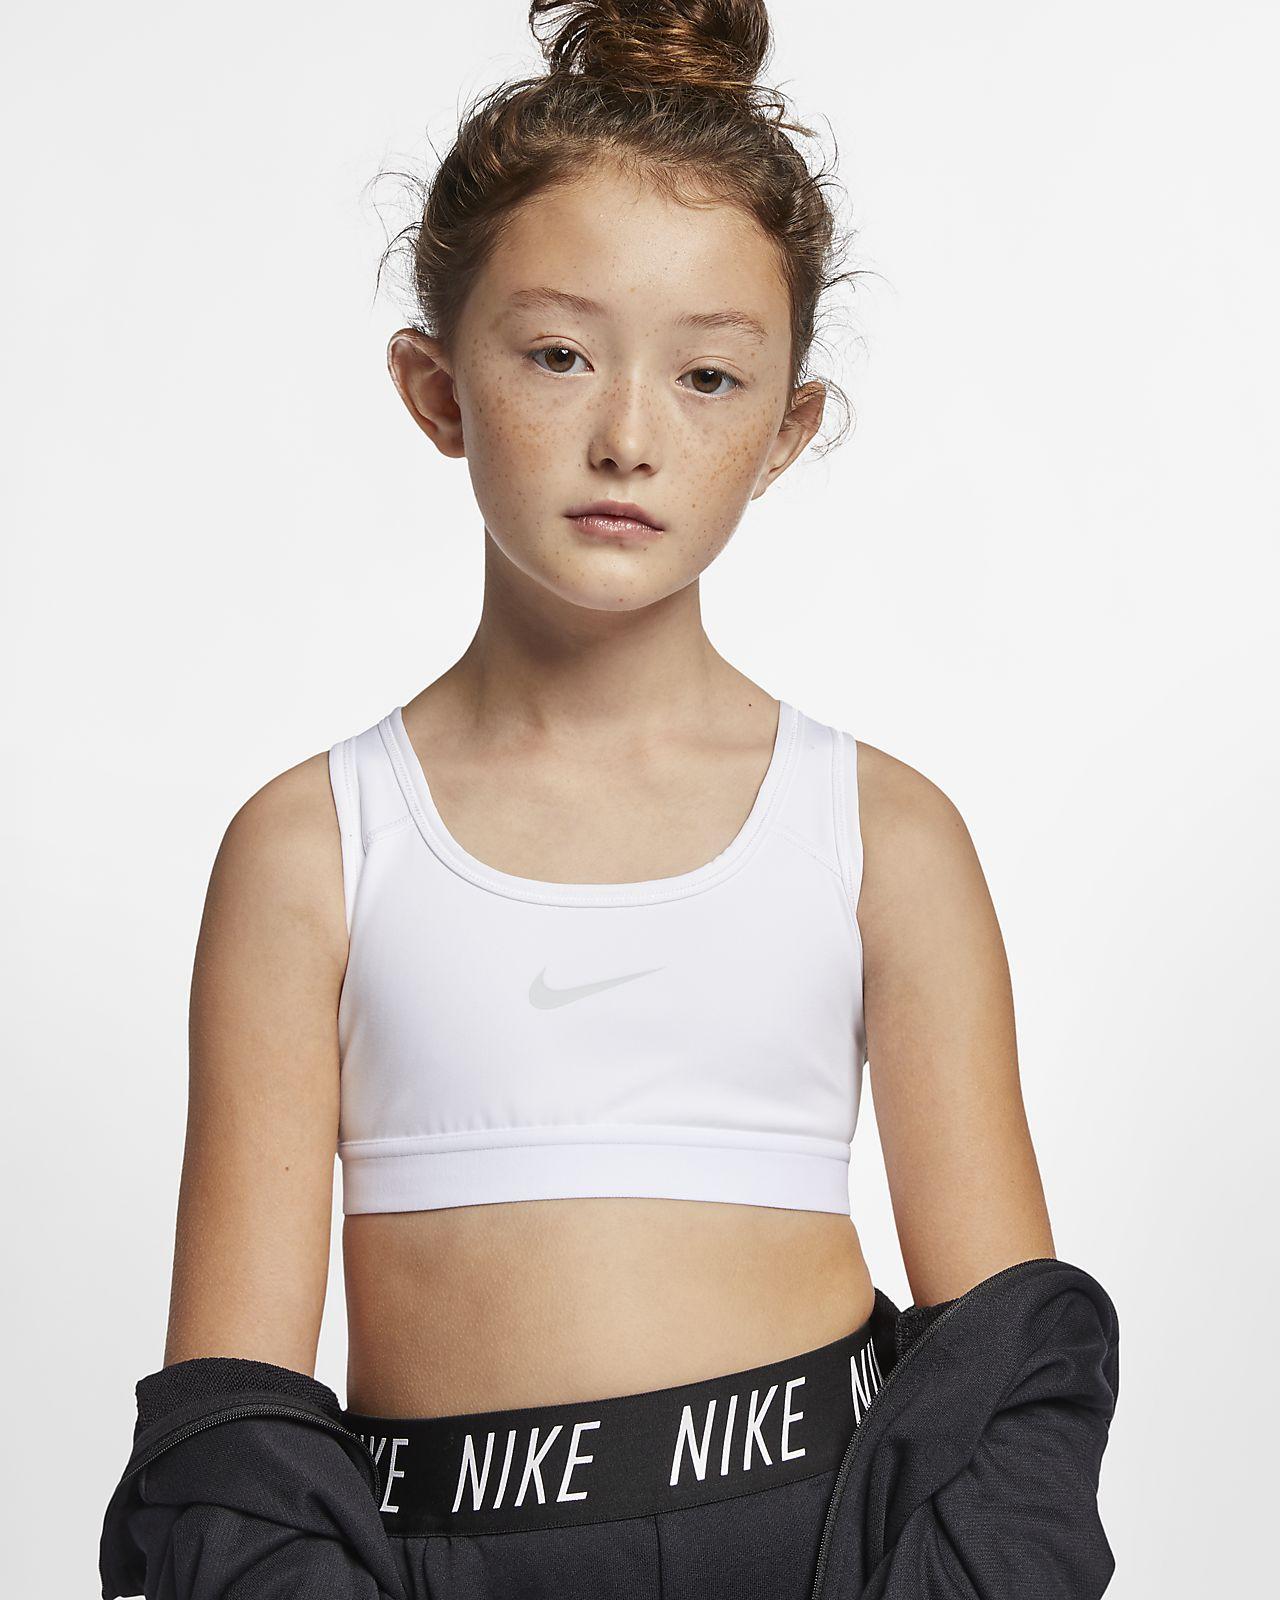 สปอร์ตบราเด็กโต Nike (หญิง)